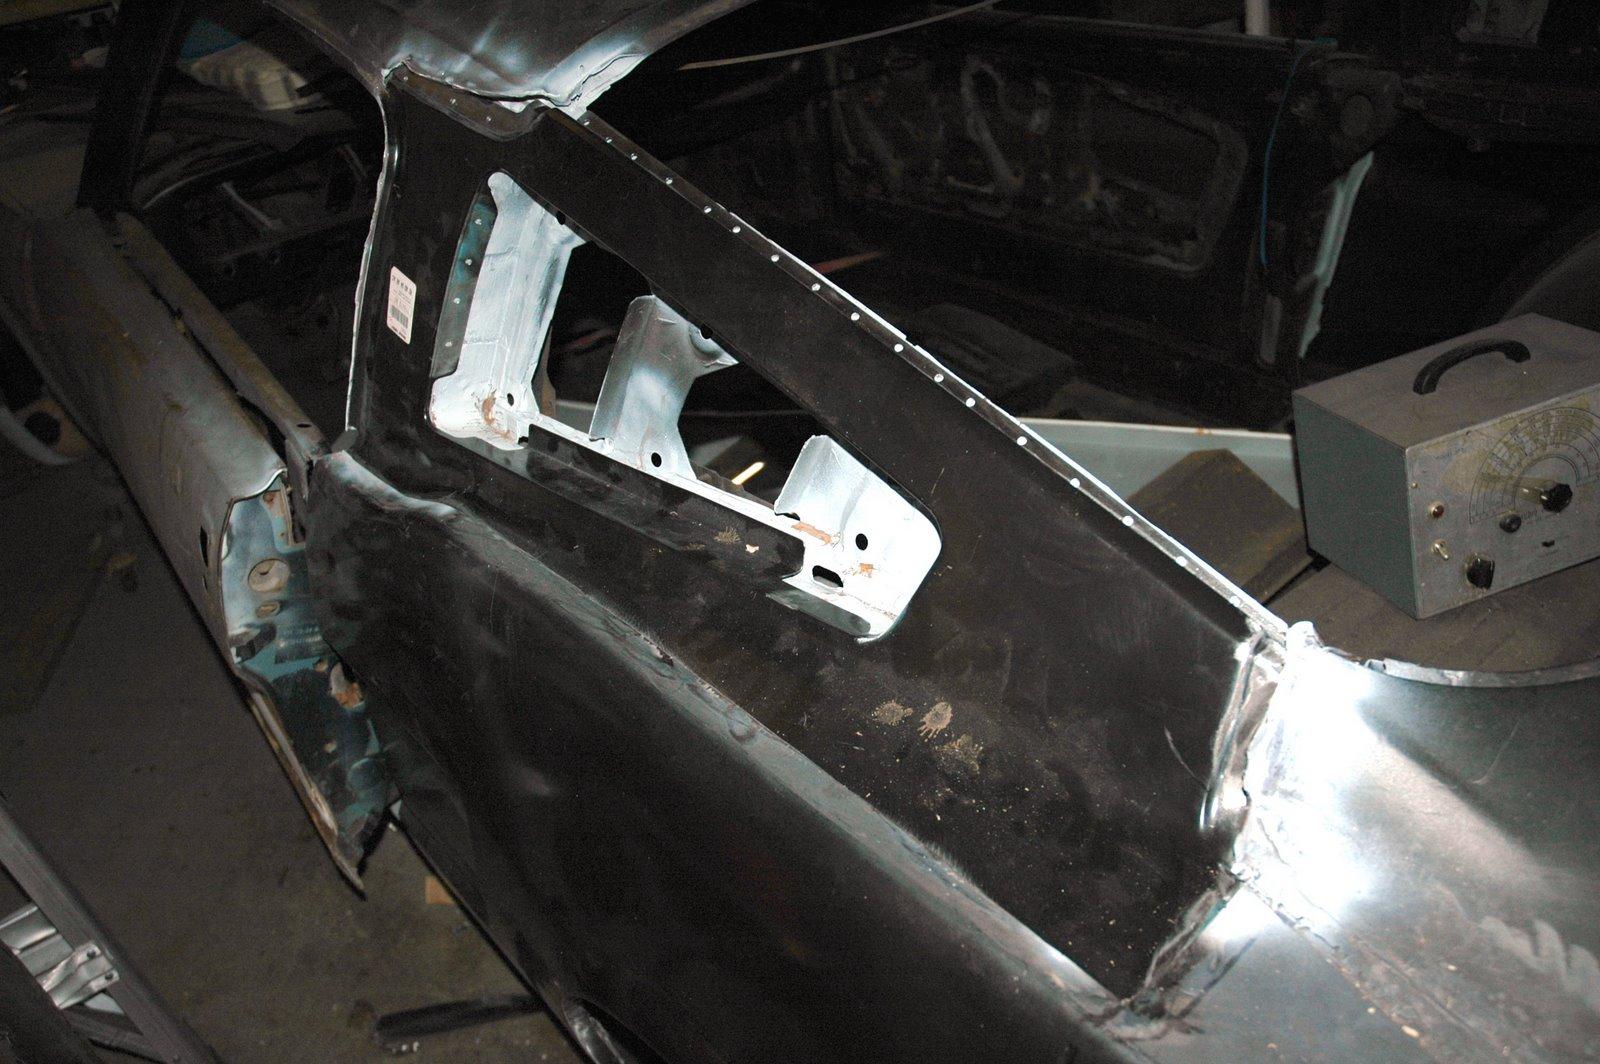 1965 Mustang Fastback 5 0 Restomod: June 2010